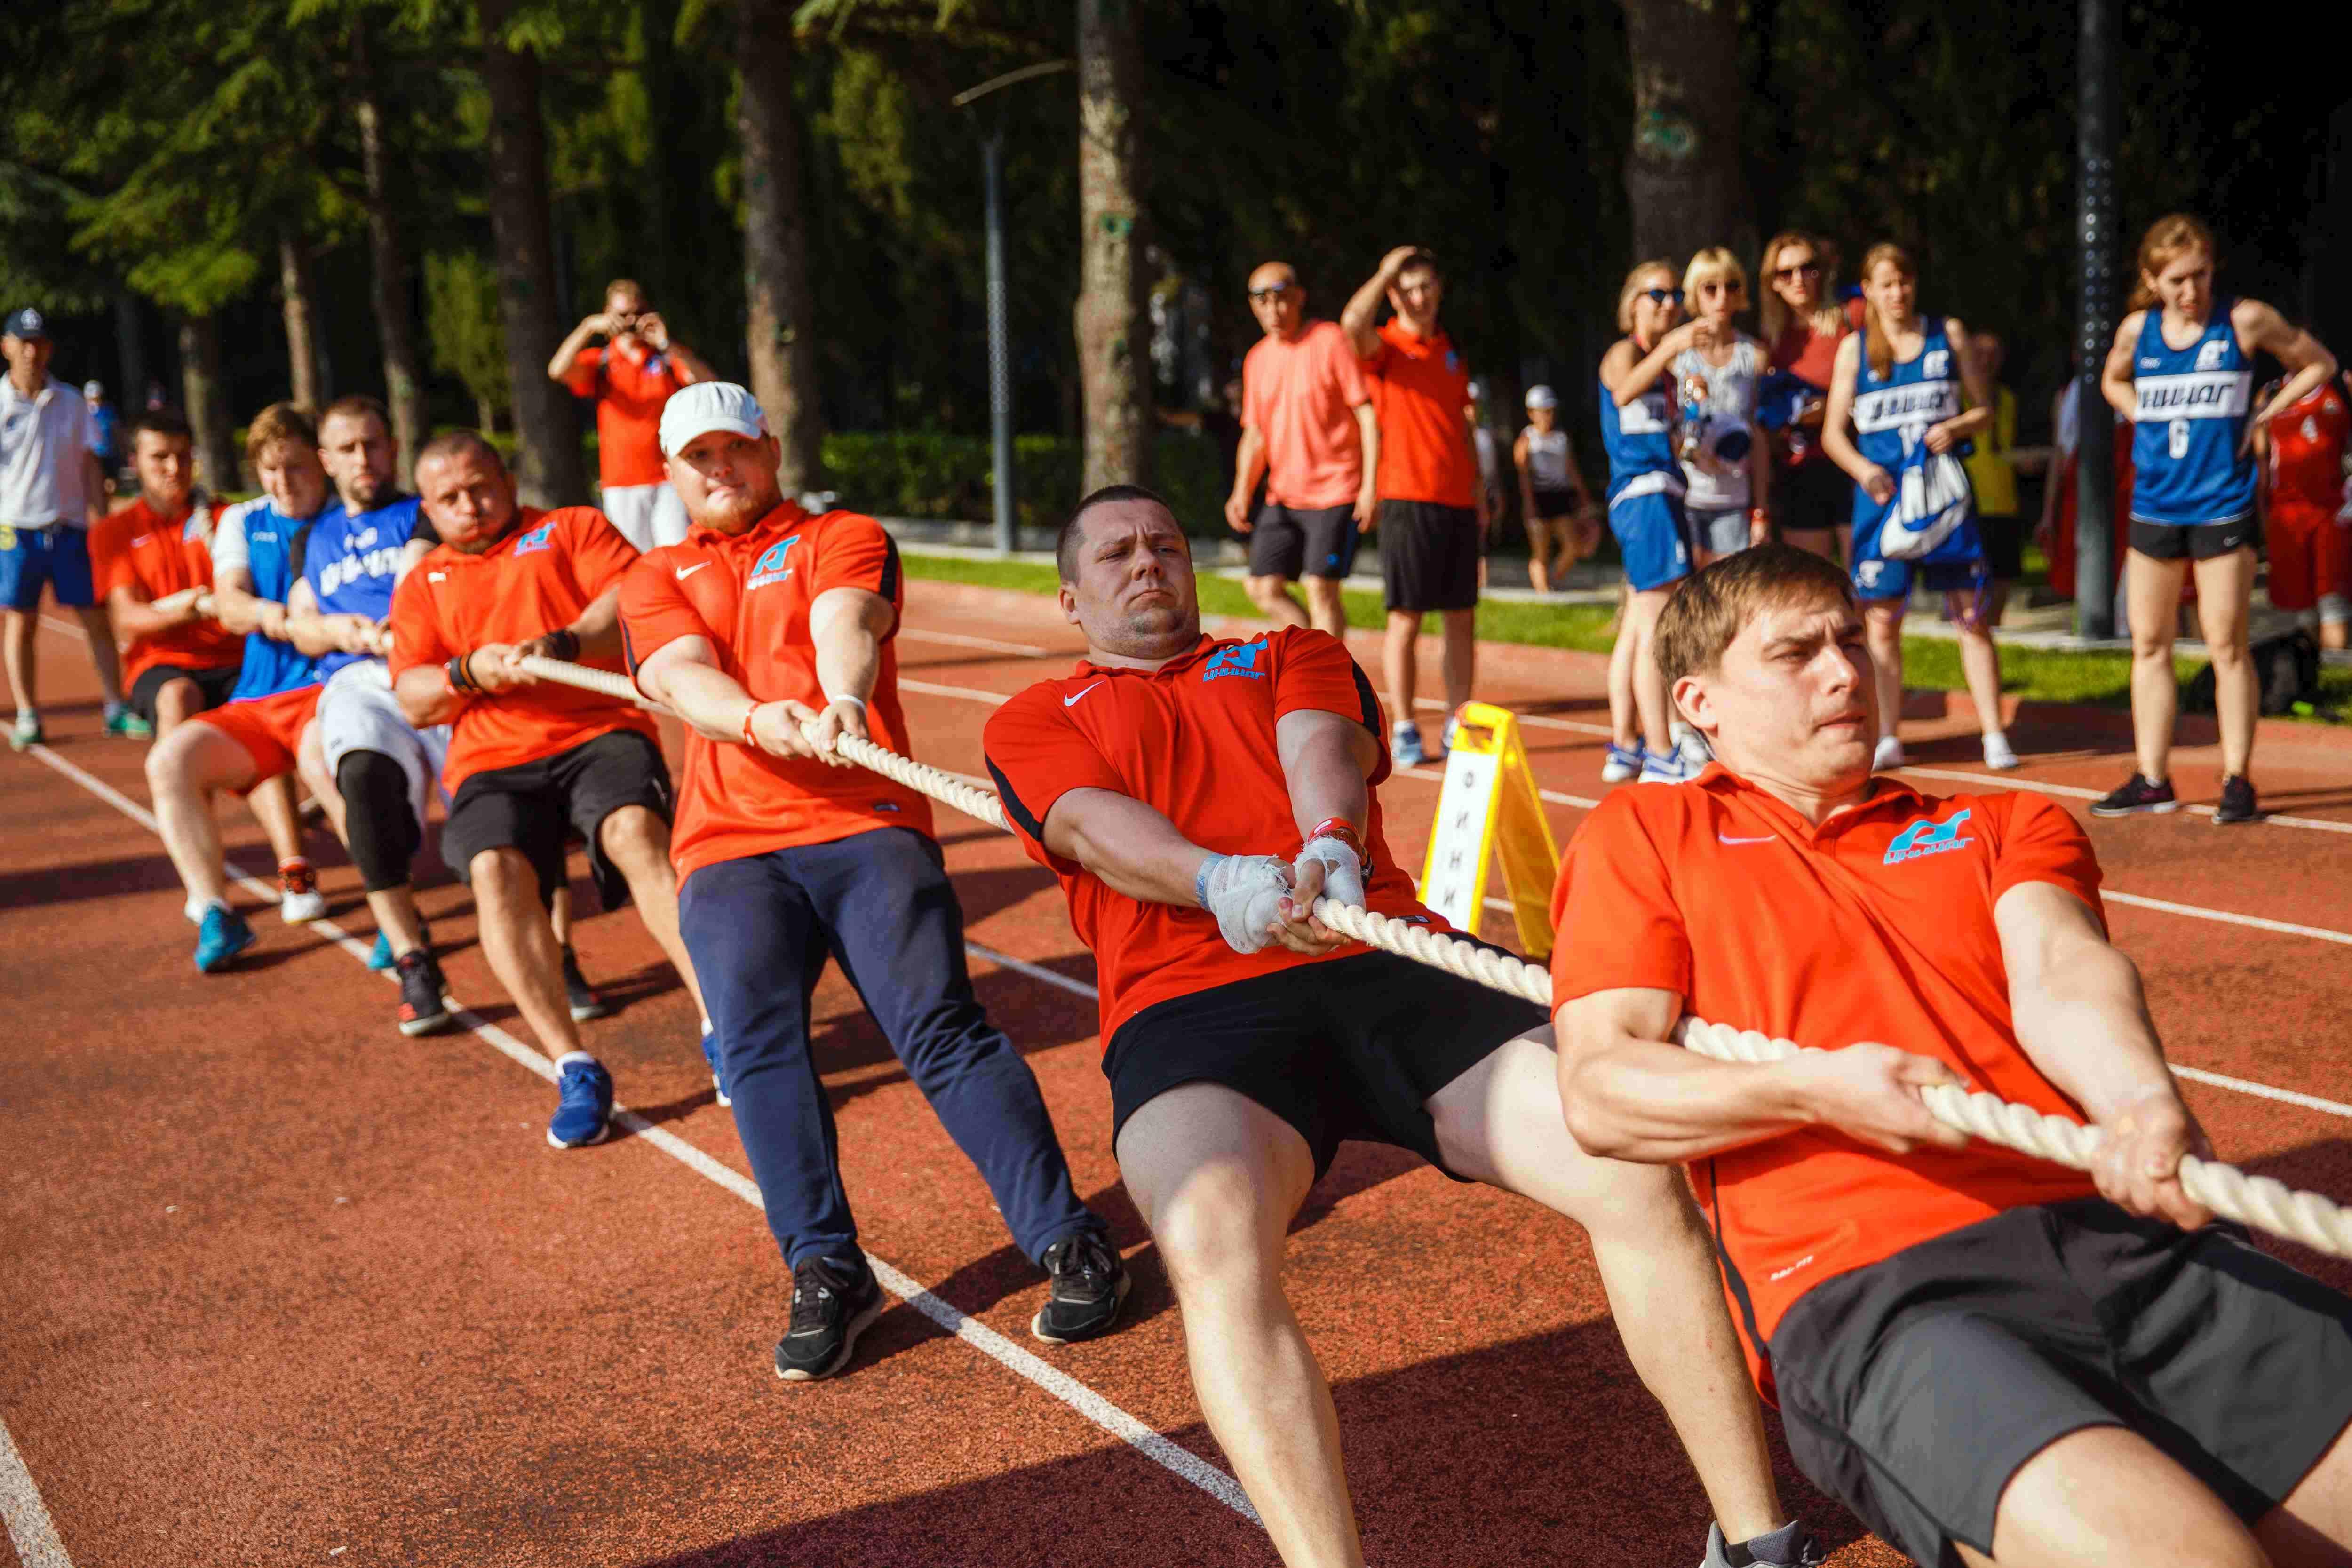 Перетягування канату, дартс і боулінг. Які ще види спорту фінансують в Україні з бюджету?